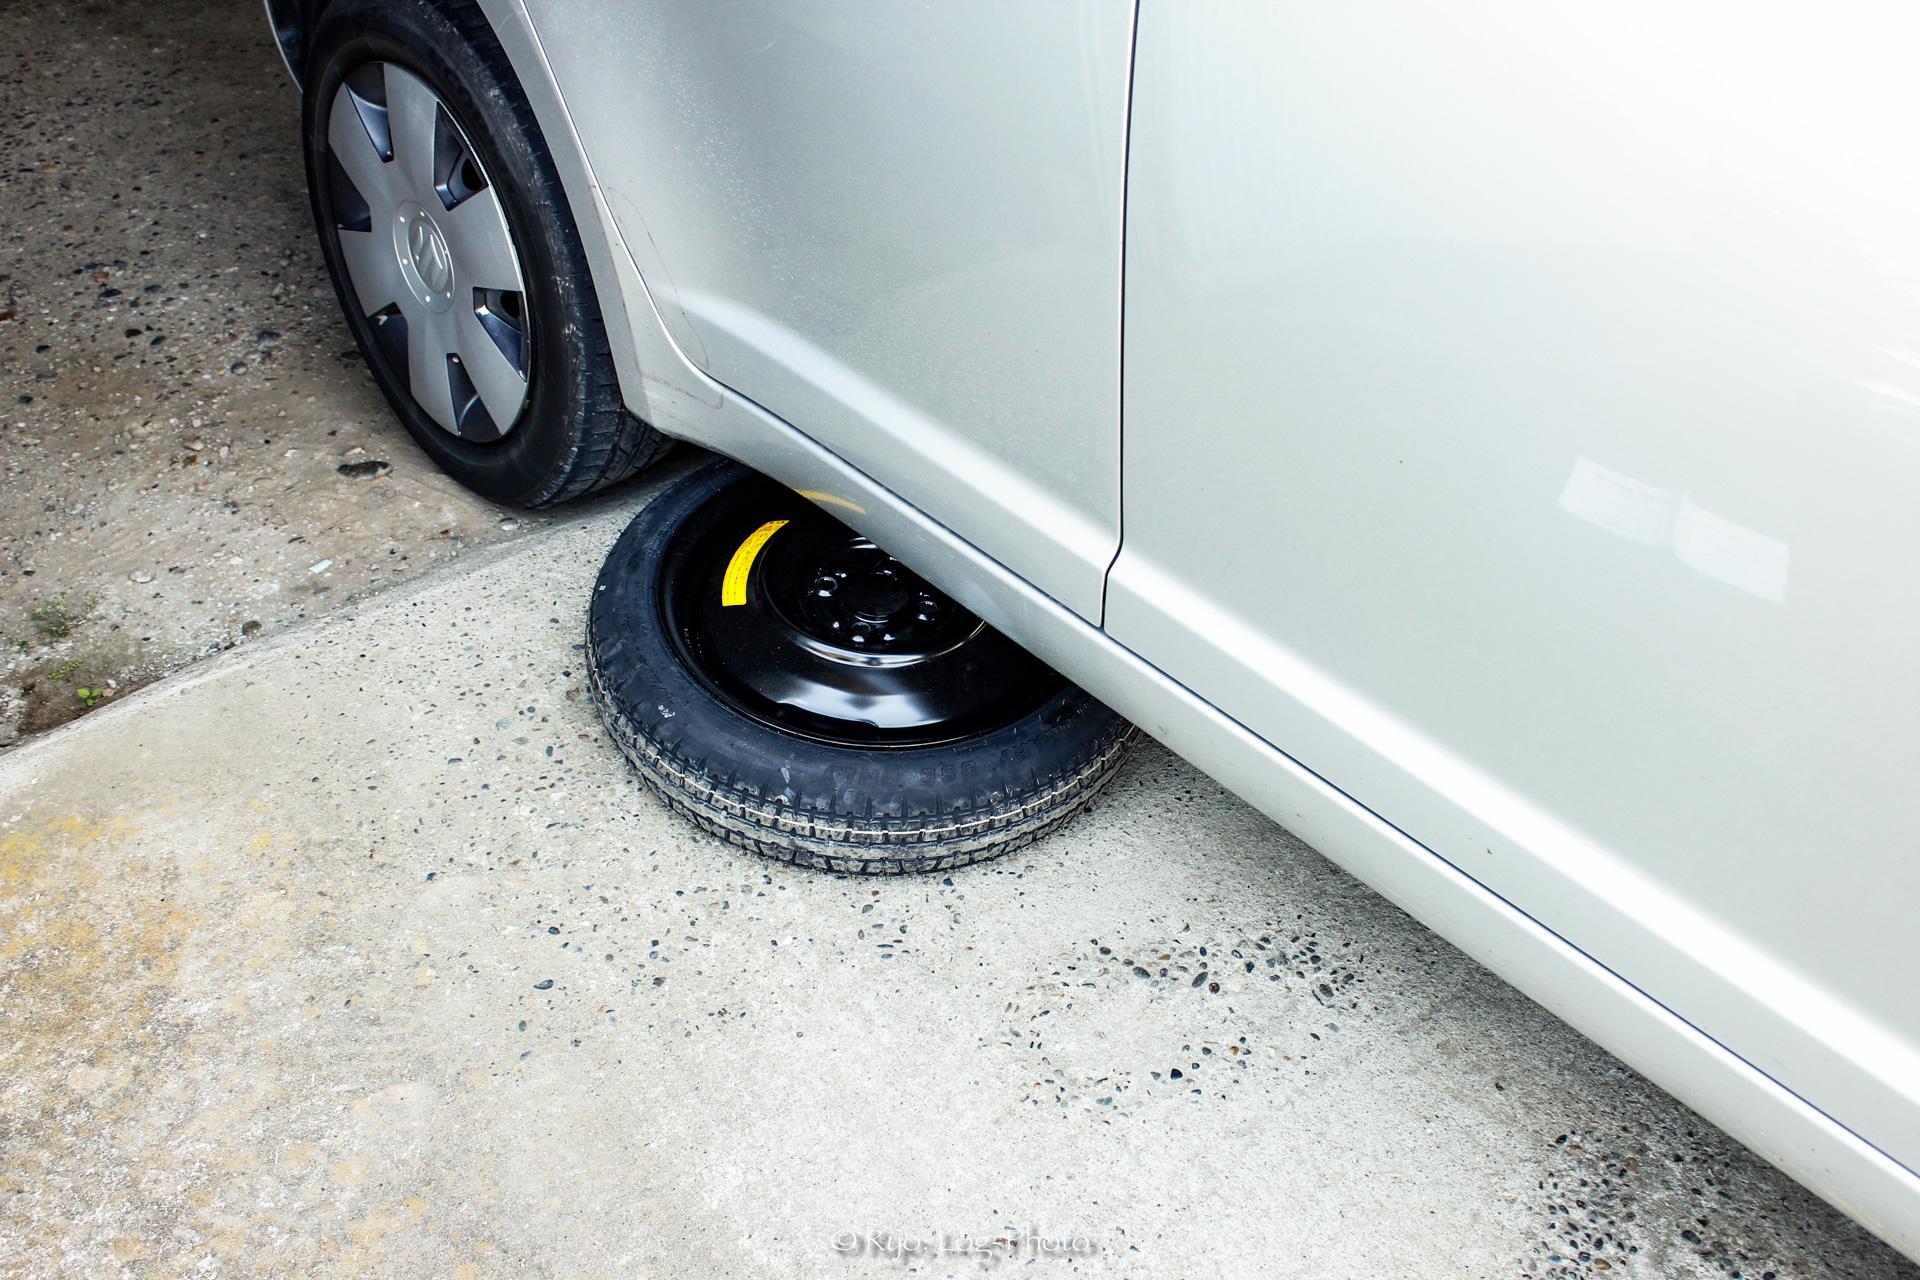 落下防止のため、スペアタイヤを挟む